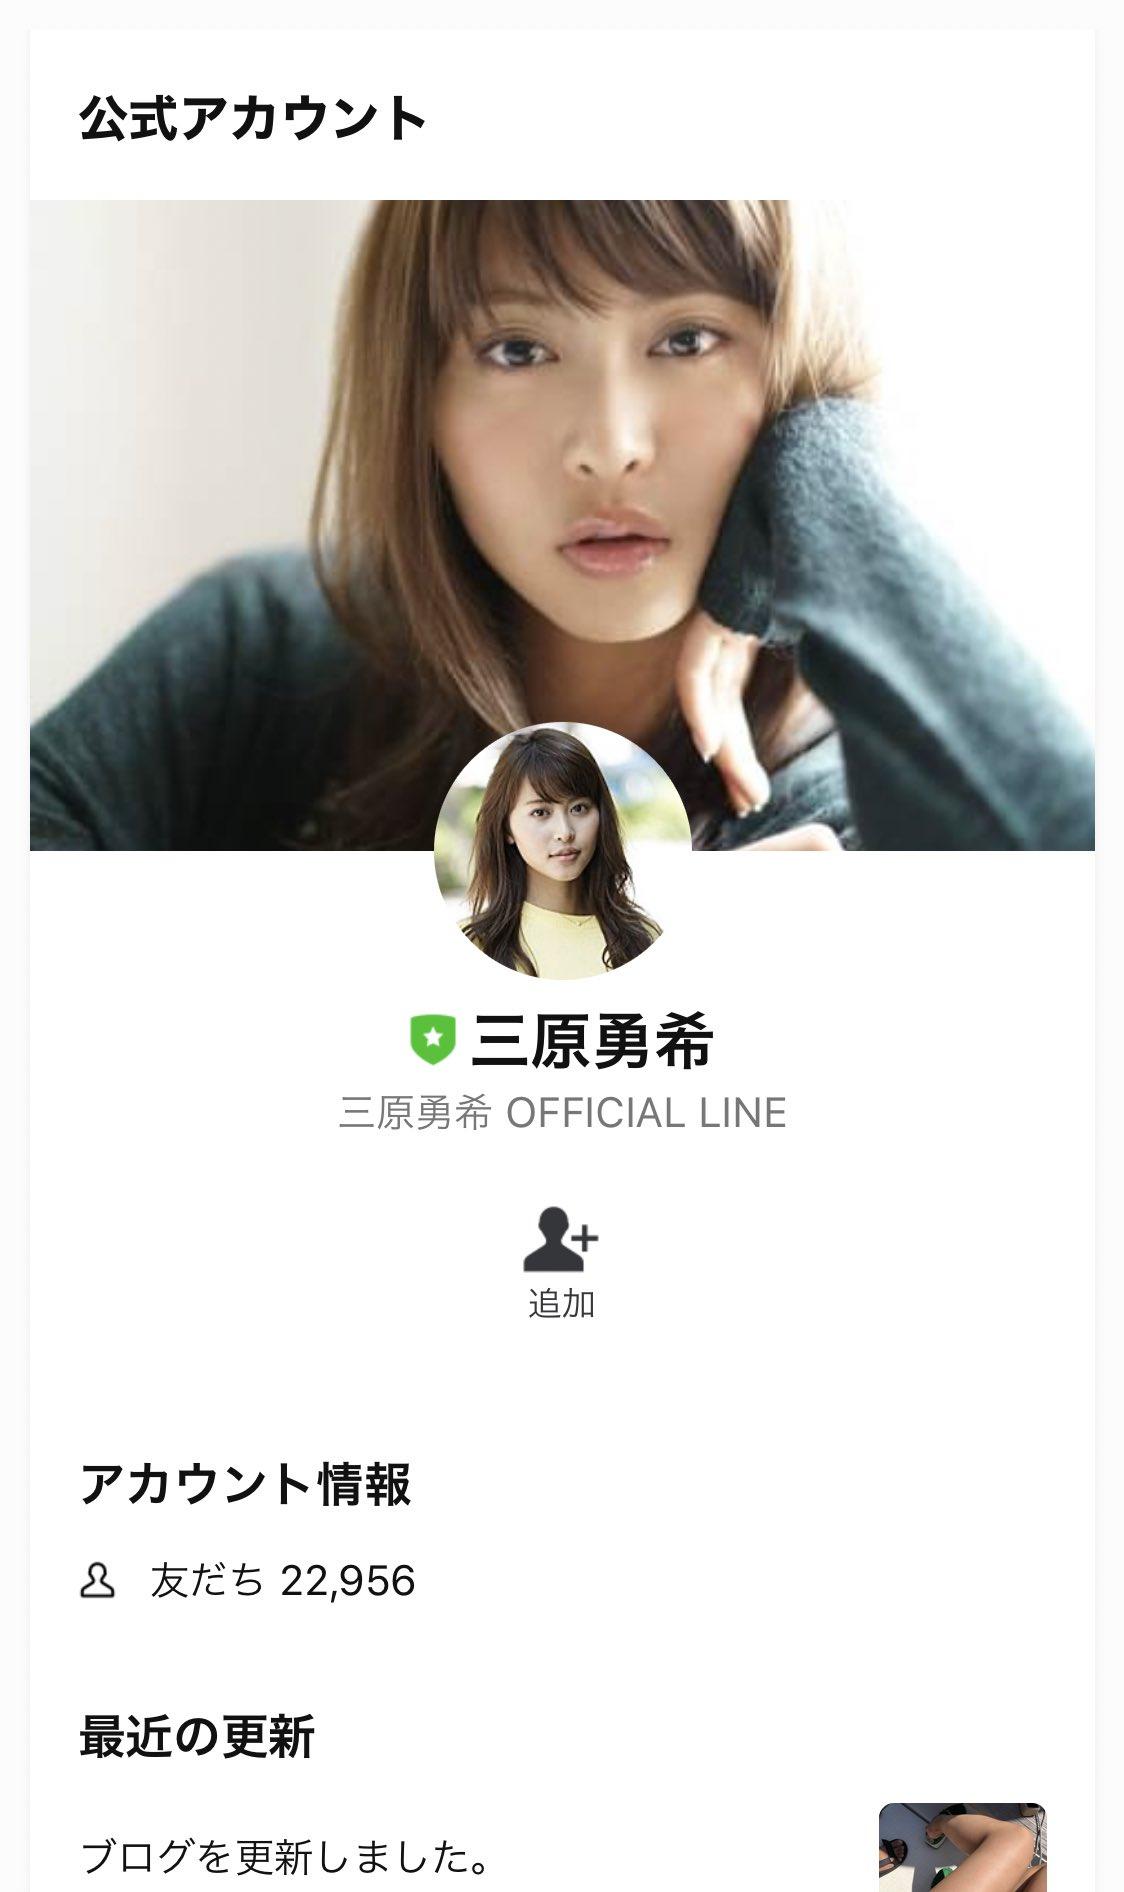 勇希 ブログ 三原